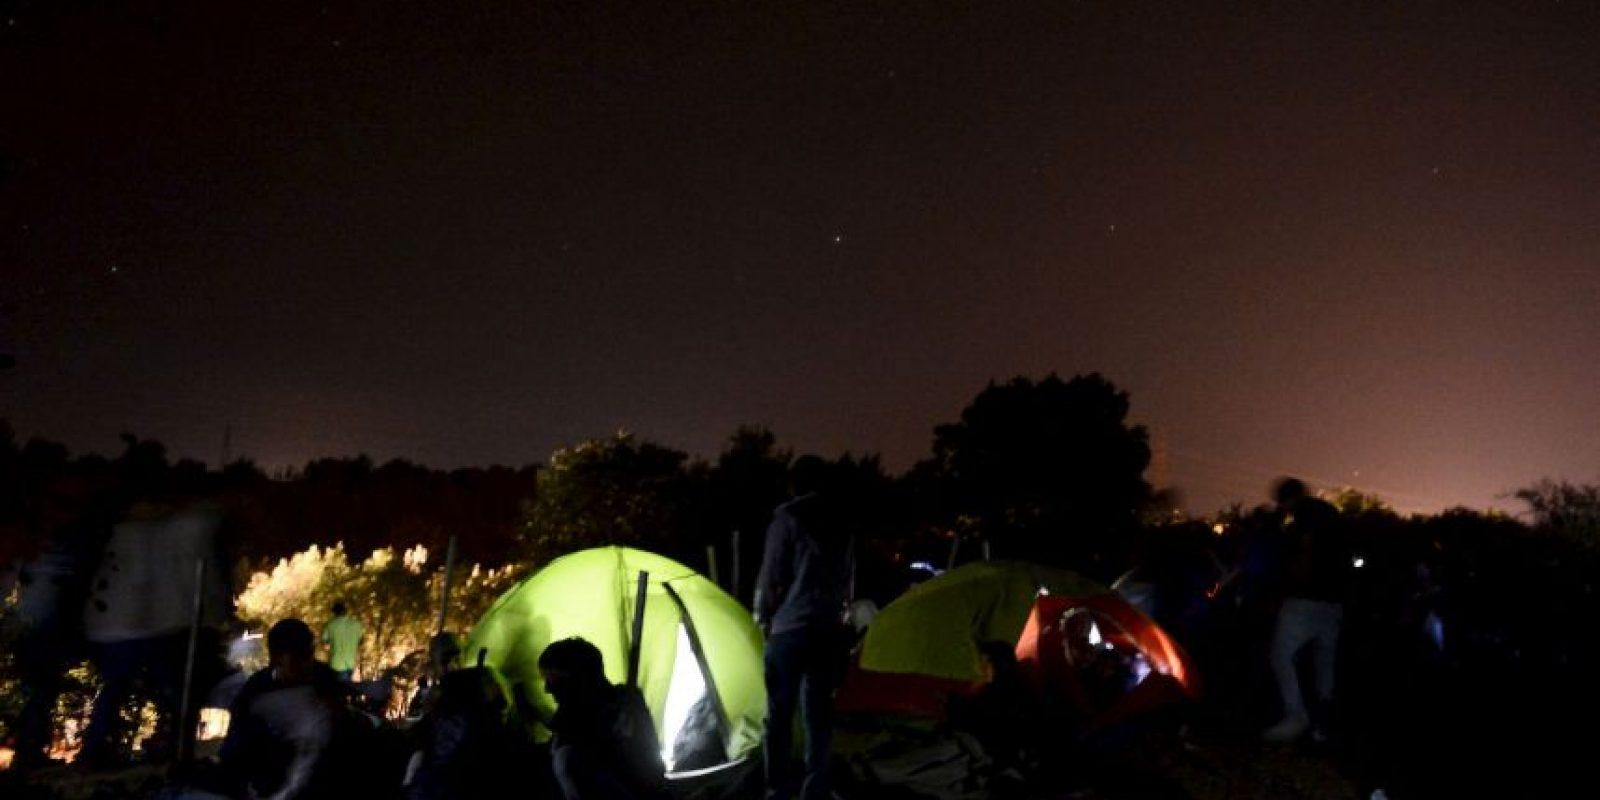 El día de ayer, los ministros de la Unión Europea acordaron aceptar y repartir a 120 mil refugiados Foto:Getty Images